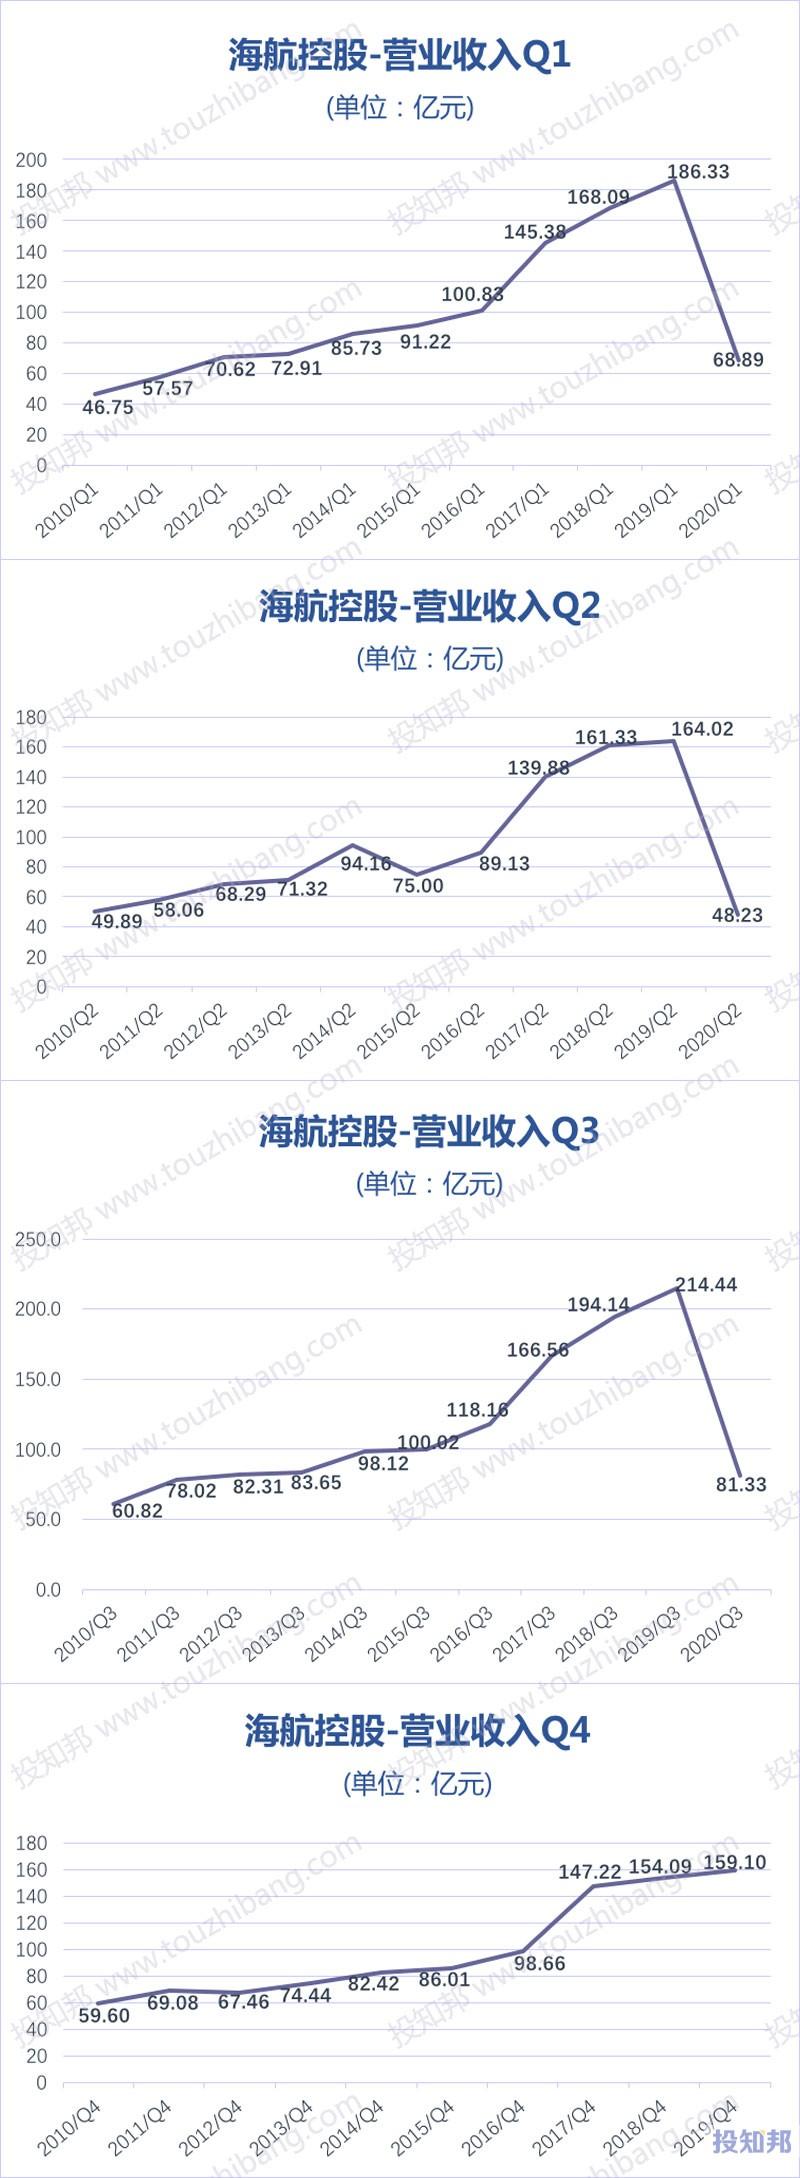 海航控股(600221)财报数据图示(2010年~2020年Q3,更新)